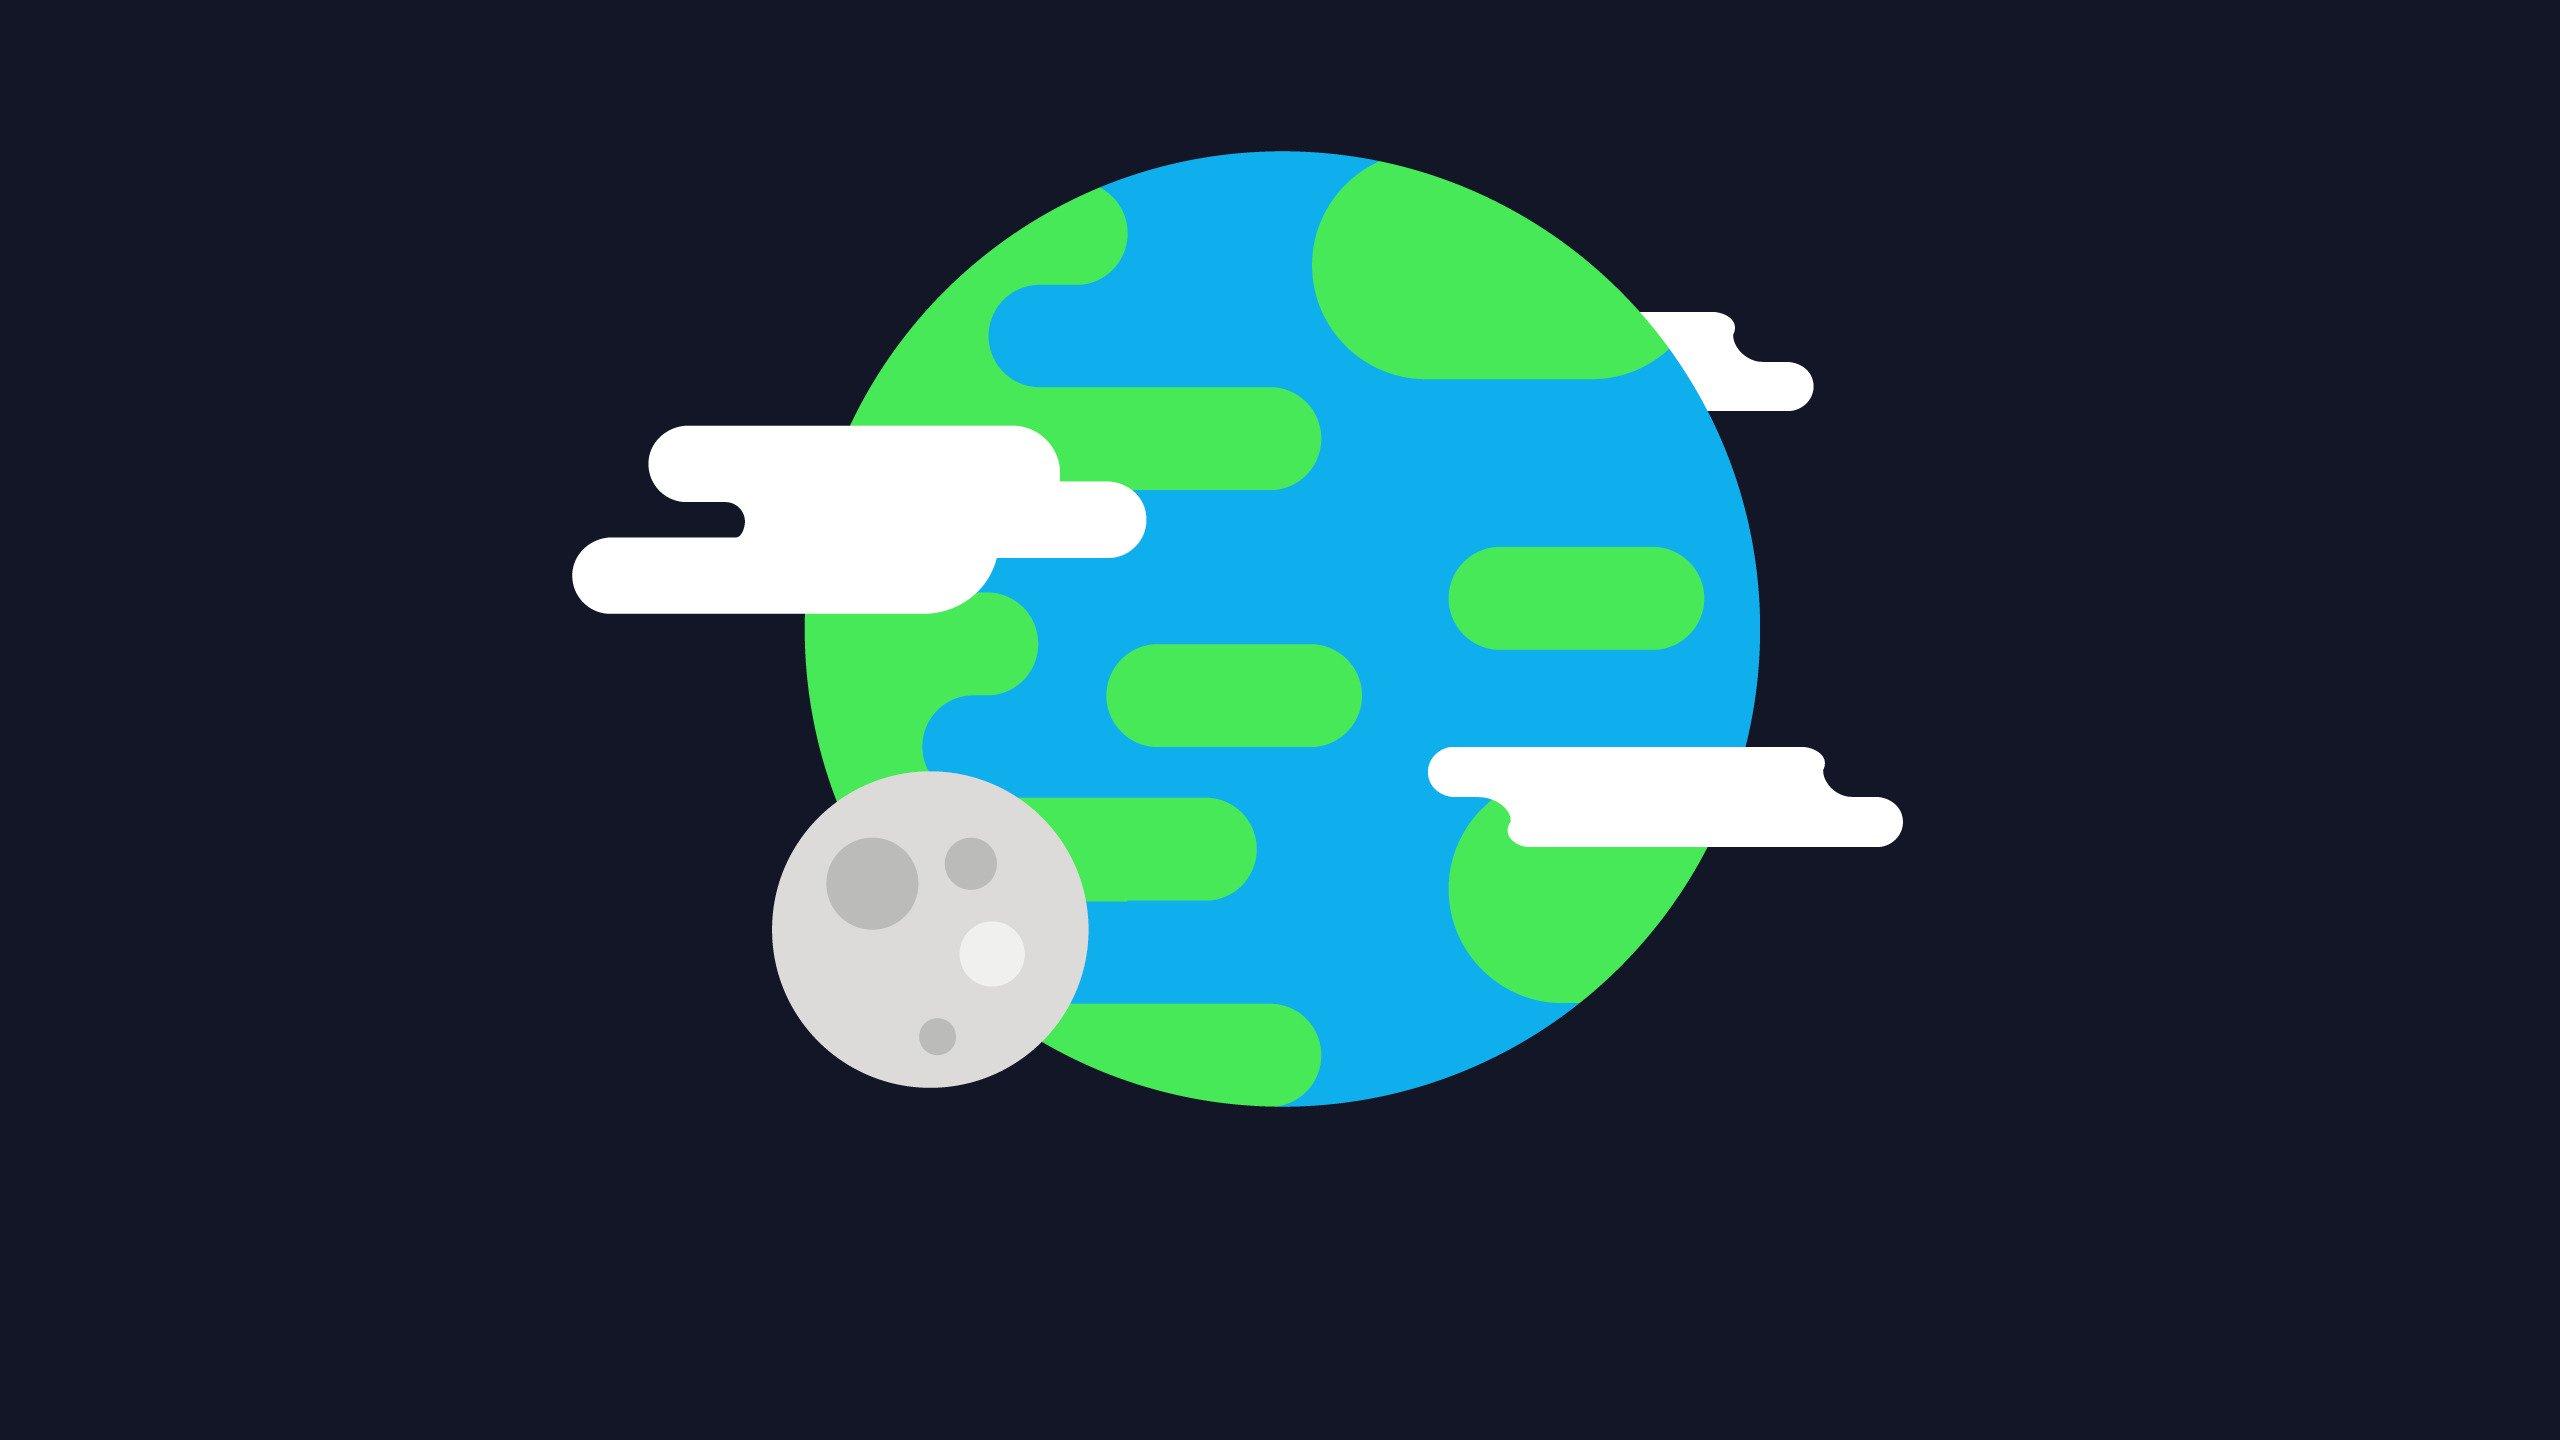 Планета замля минимализм загрузить